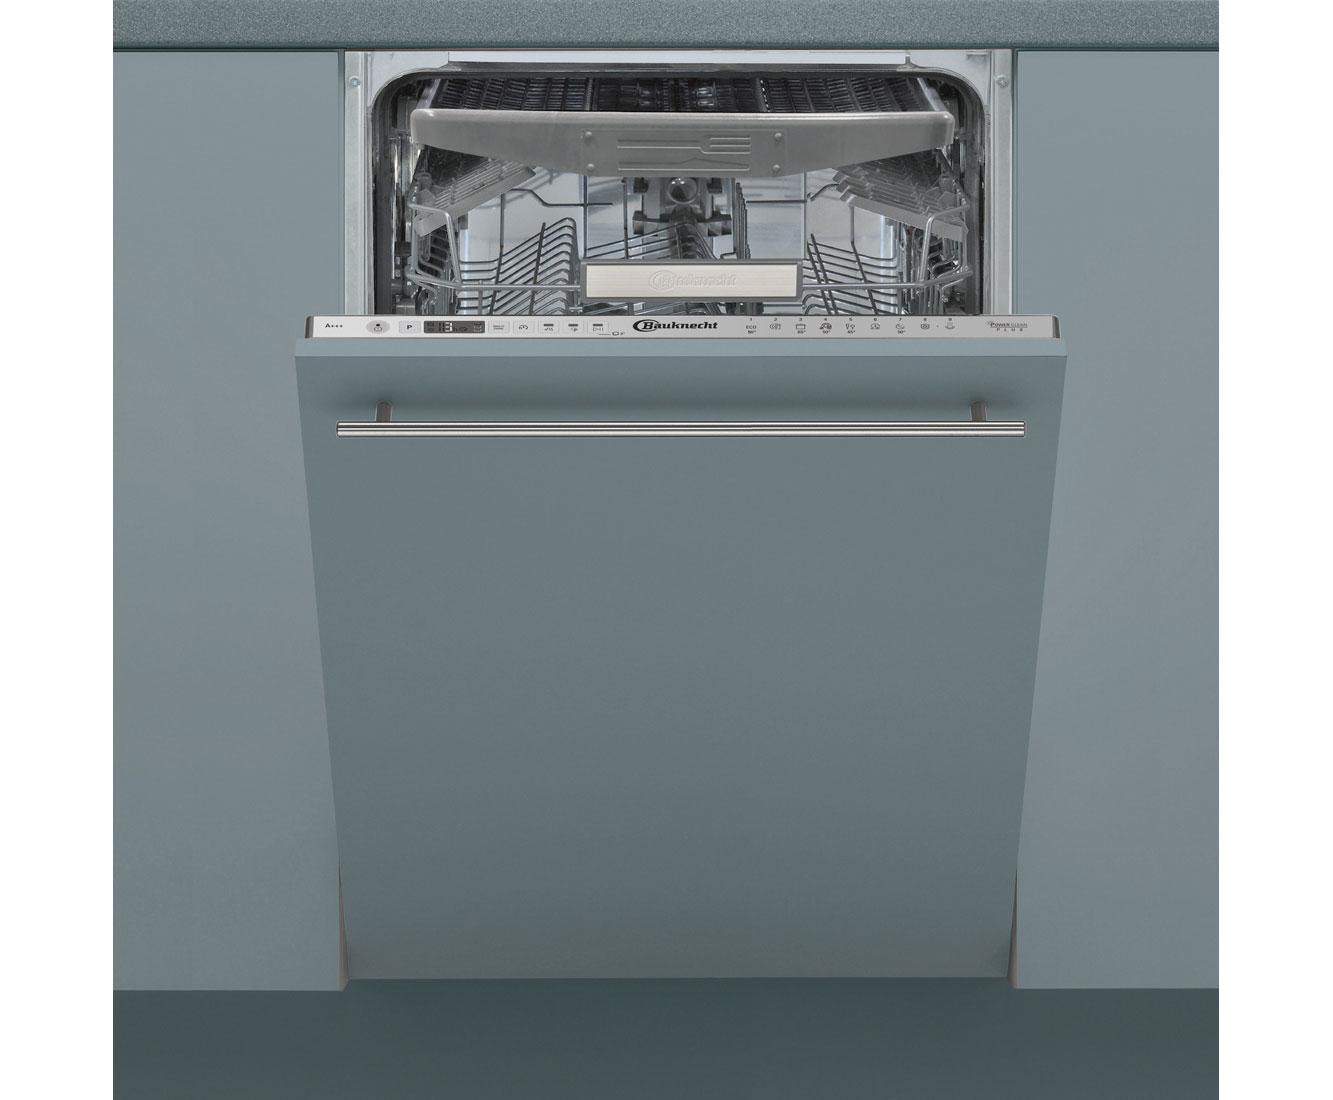 Bauknecht BSIO 3O35 PFE X Geschirrspüler 45 cm - Edelstahl | Küche und Esszimmer > Küchenelektrogeräte | Edelstahl | Bauknecht